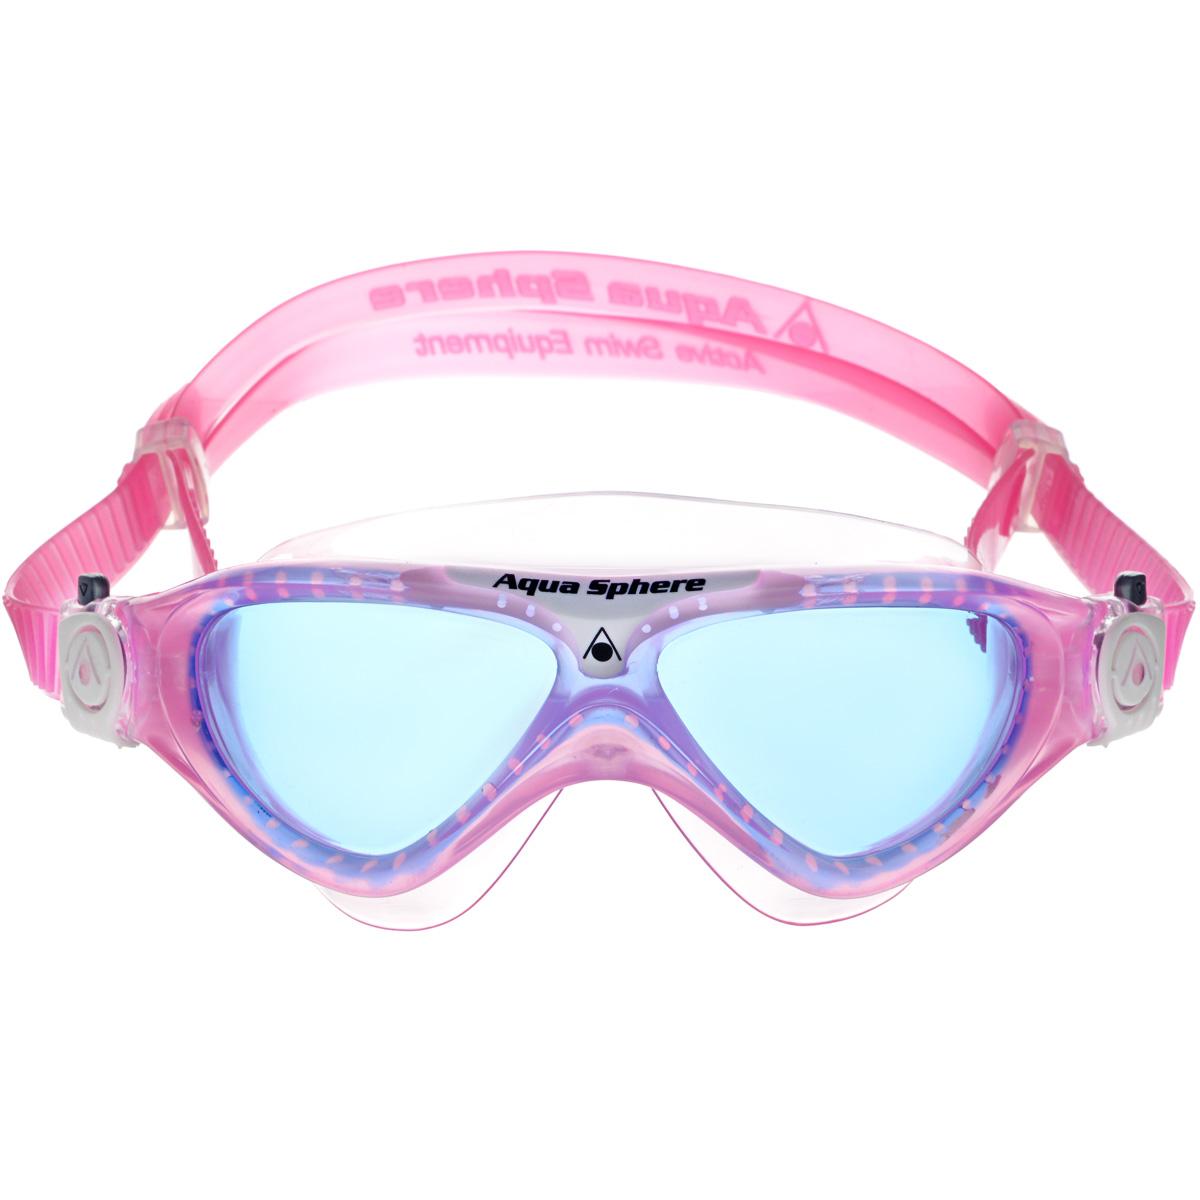 Очки для плавания Aqua Sphere Vista Junior, цвет: розовый, белый, синий очки для плавания indigo g200 205 антиф силикон 3 перег розовый